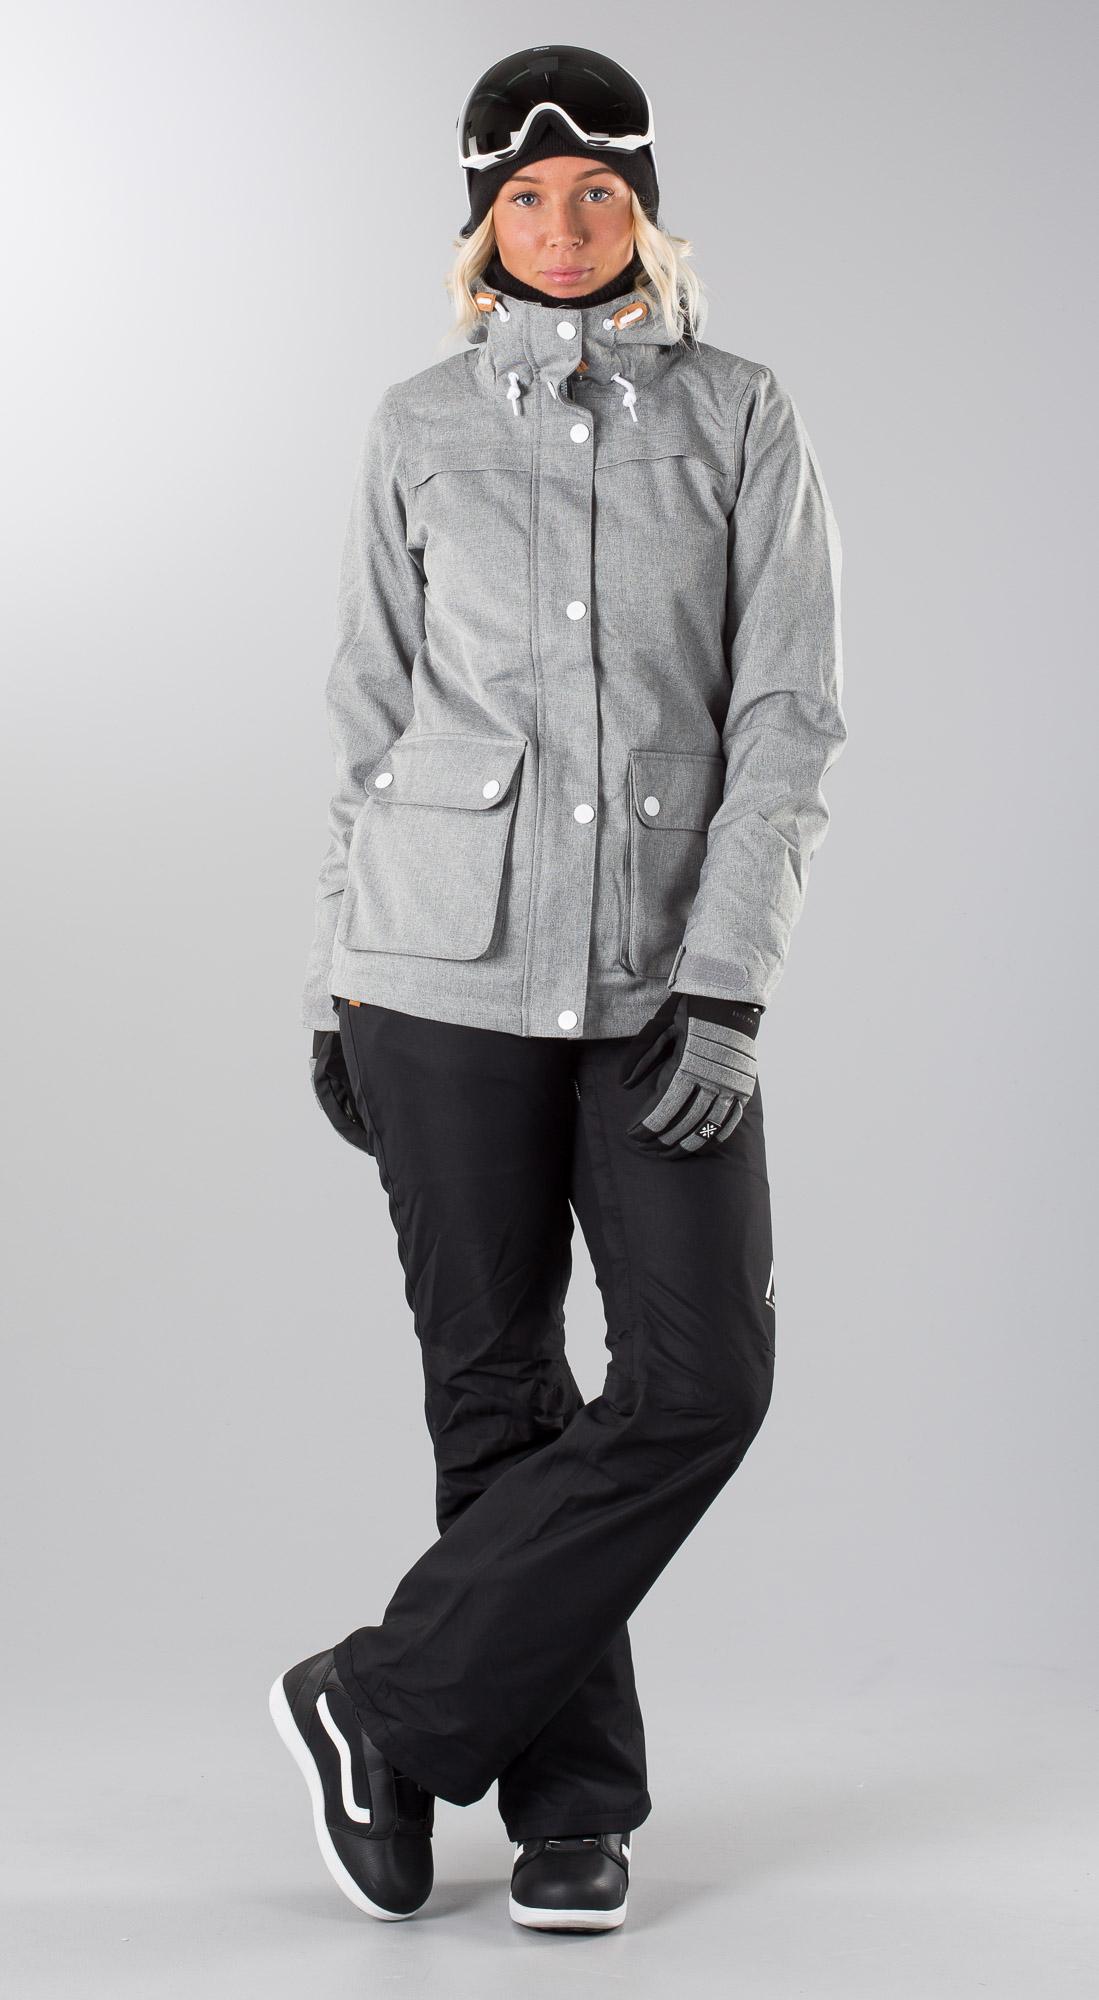 Online Snowboard Donna Ridestore Abbigliamento Acquista XtOqPSww